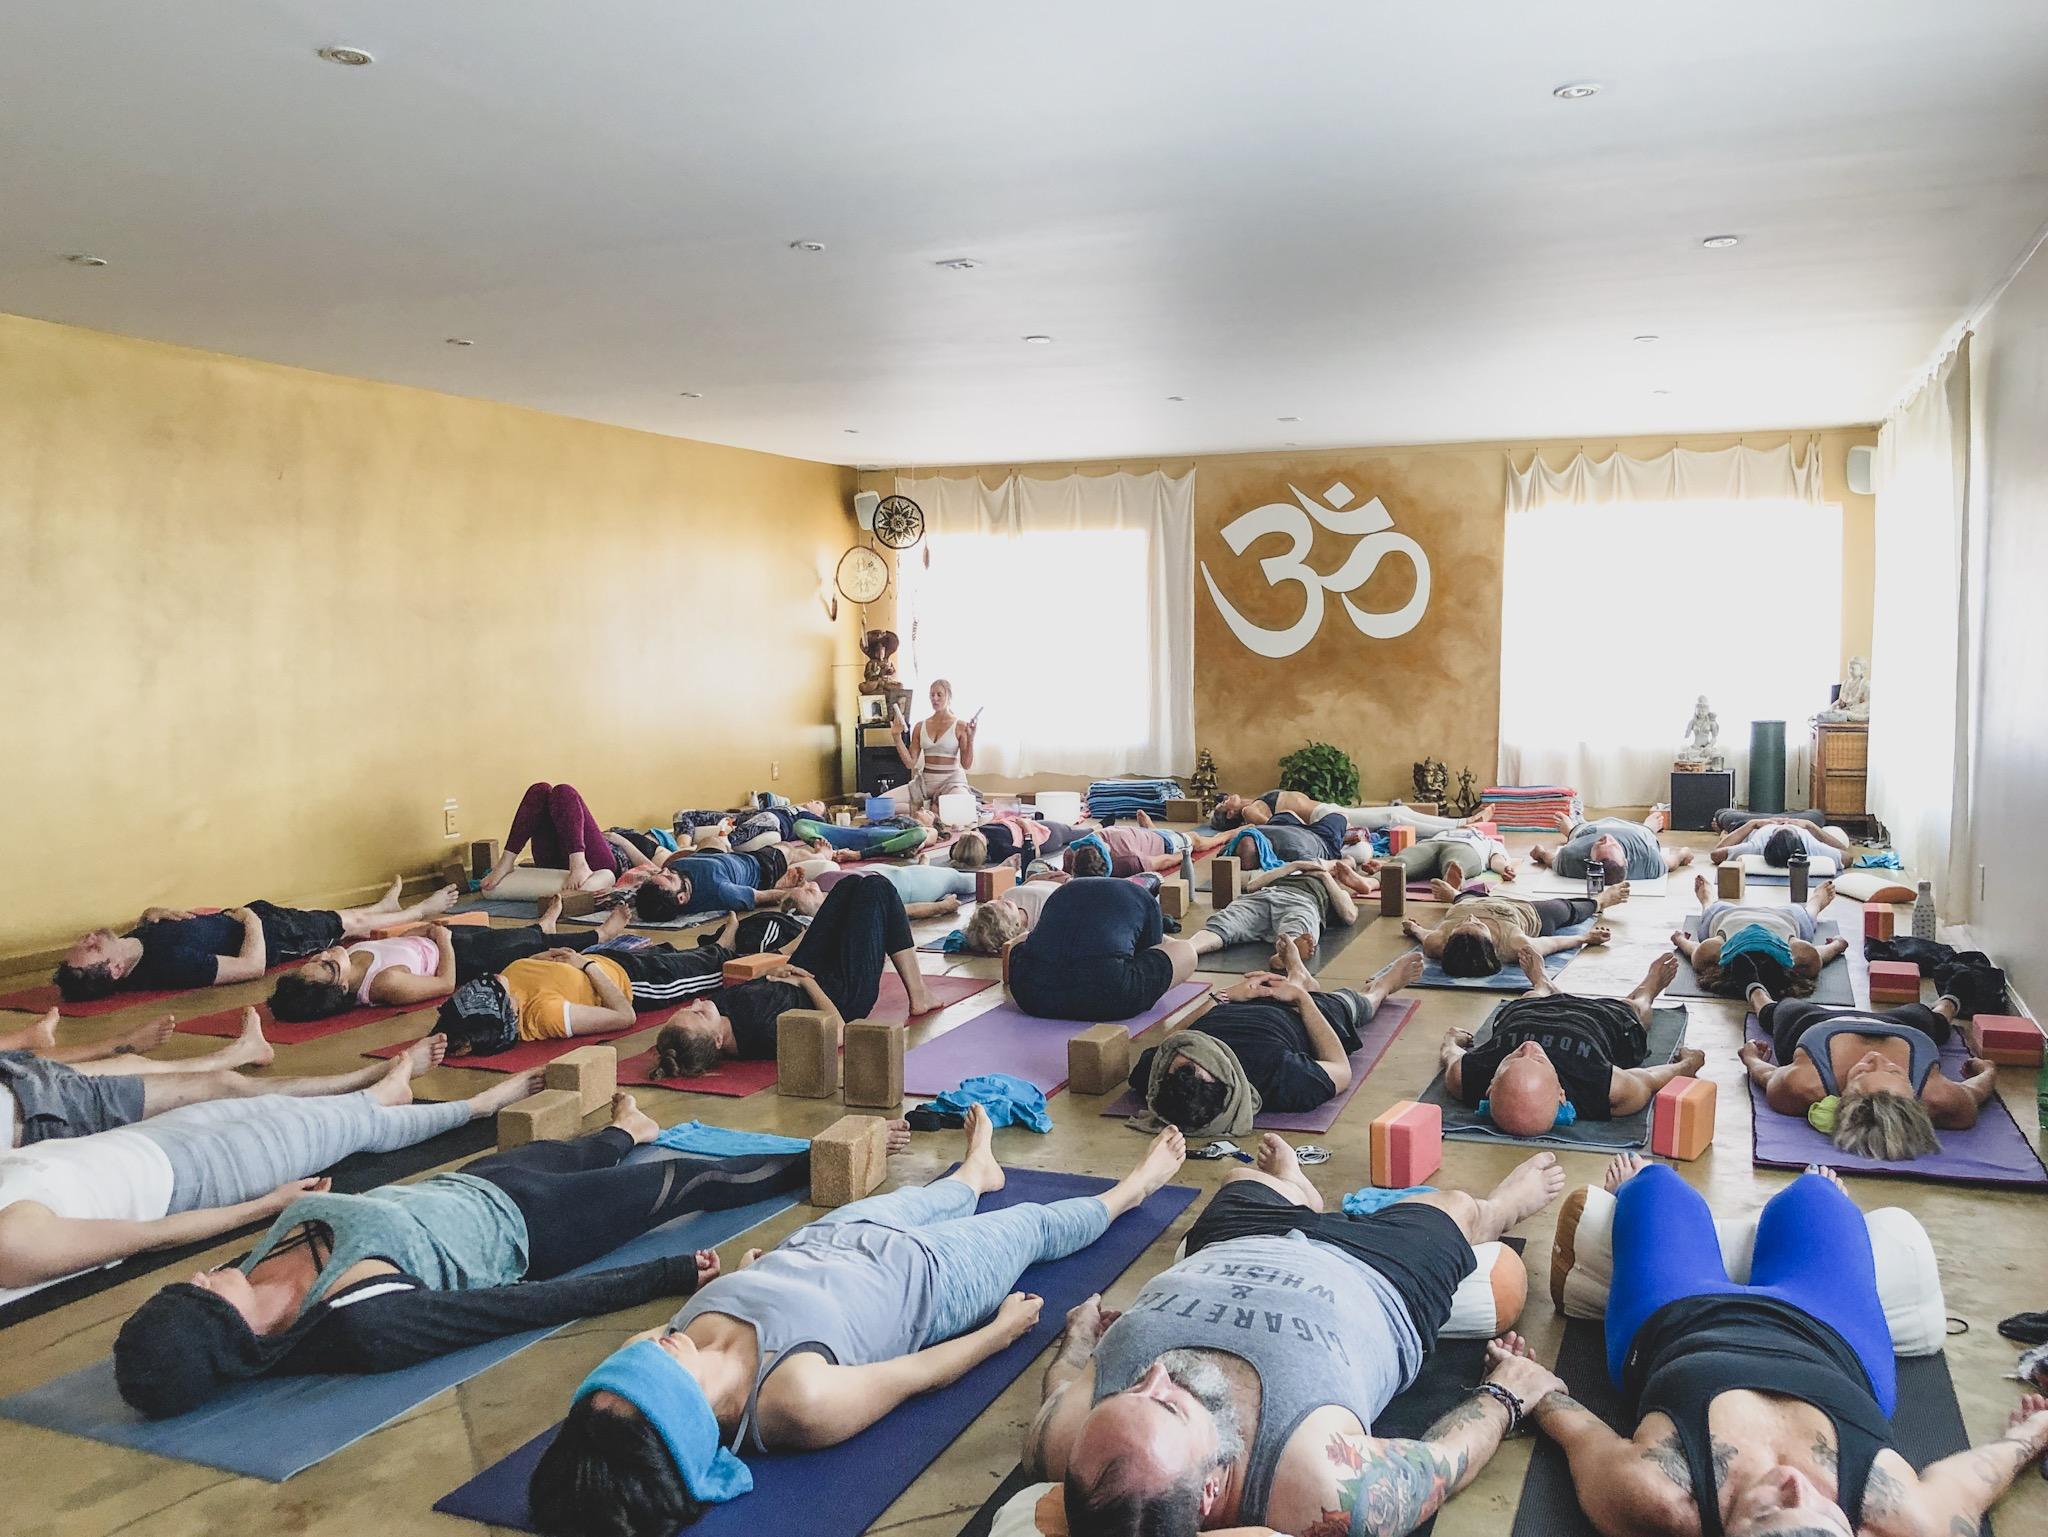 Yoga and Soundbath in the Yoga Nest at Venice Beach, CA